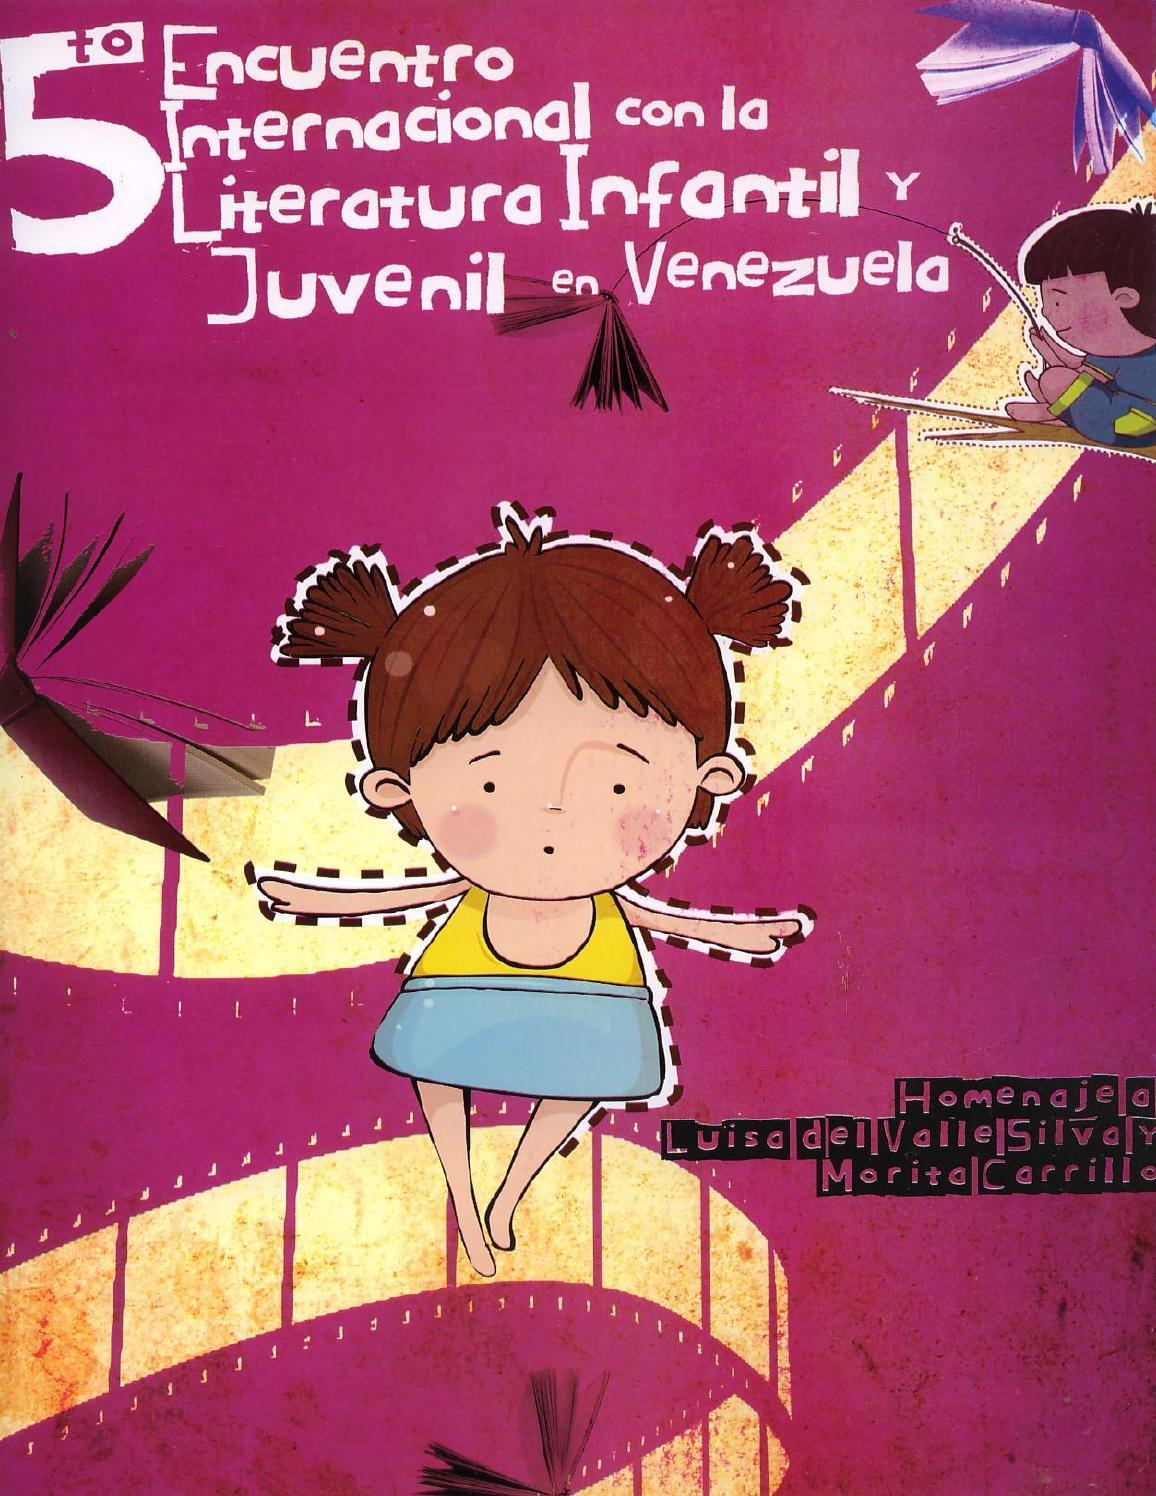 Memorias 5to encuentro de literatura infantil y juvenil by La Tinta ...